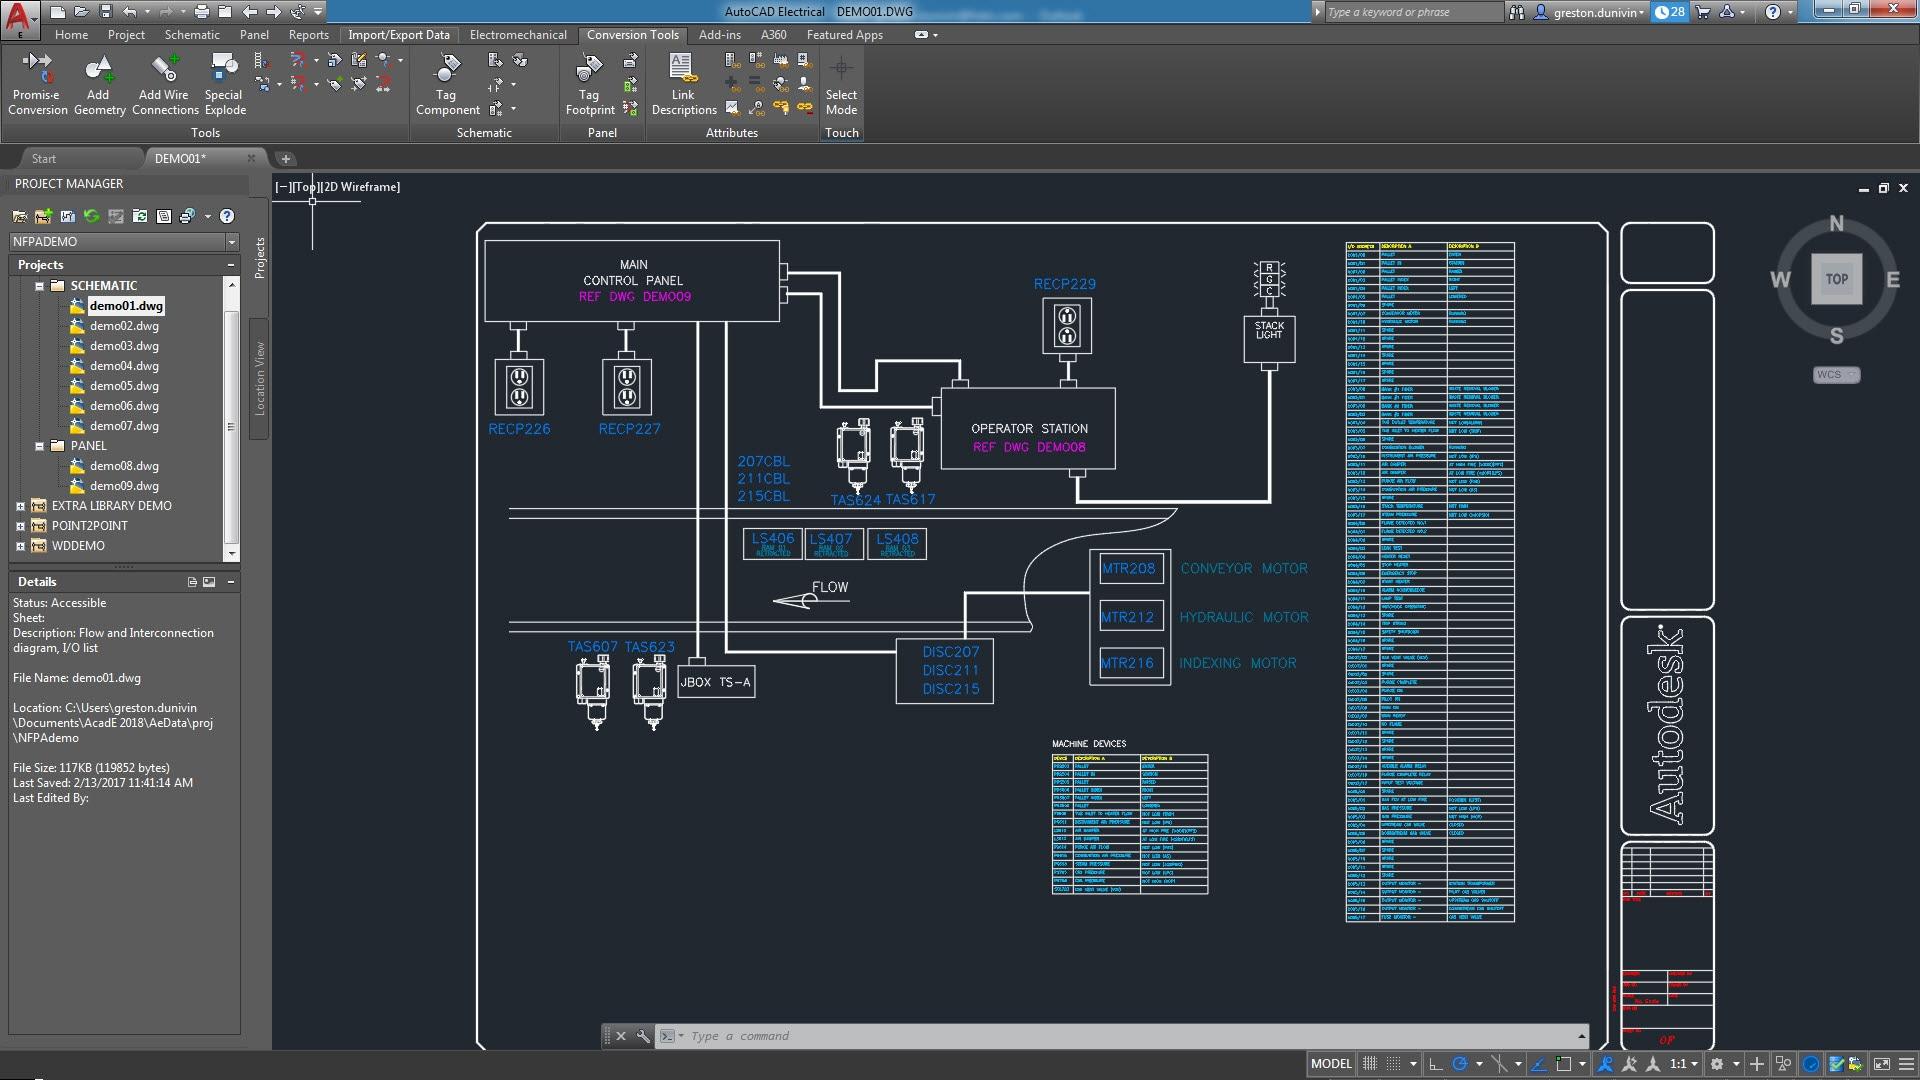 Schemi Elettrici Cad : Set di strumenti autocad electrical software di progettazione